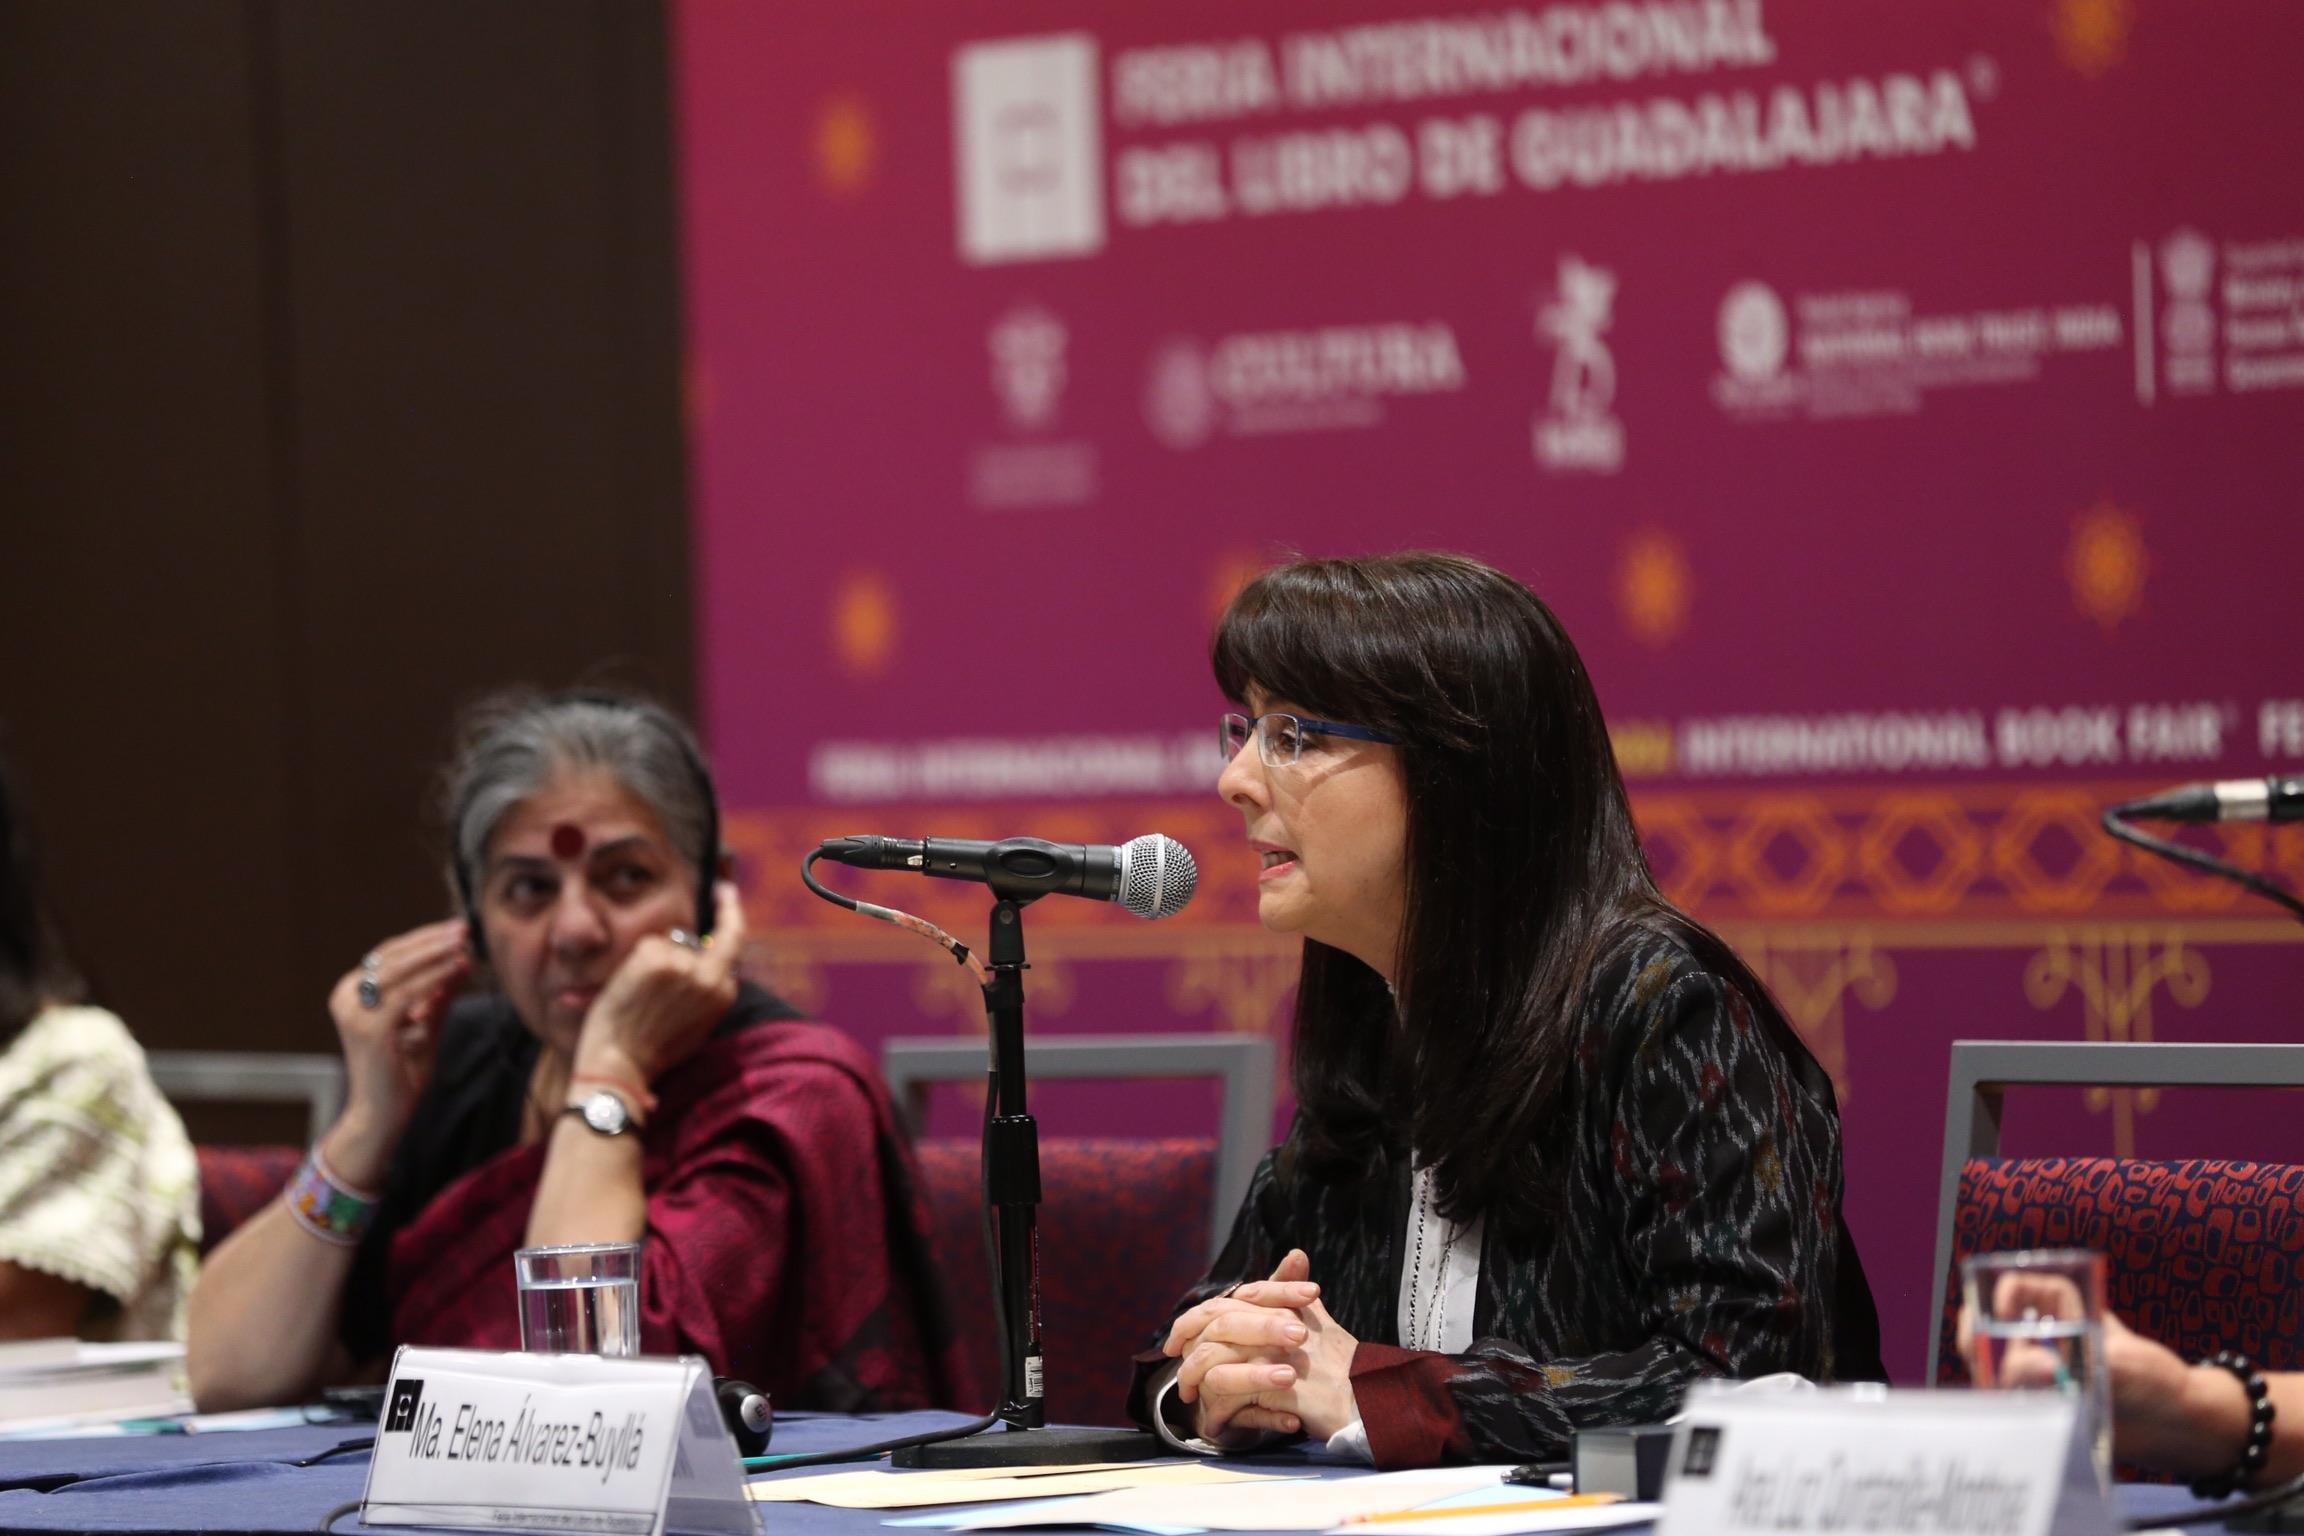 La doctora María Elena Álvarez-Buyllá, directora general del Consejo Nacional de Ciencia y Tecnología